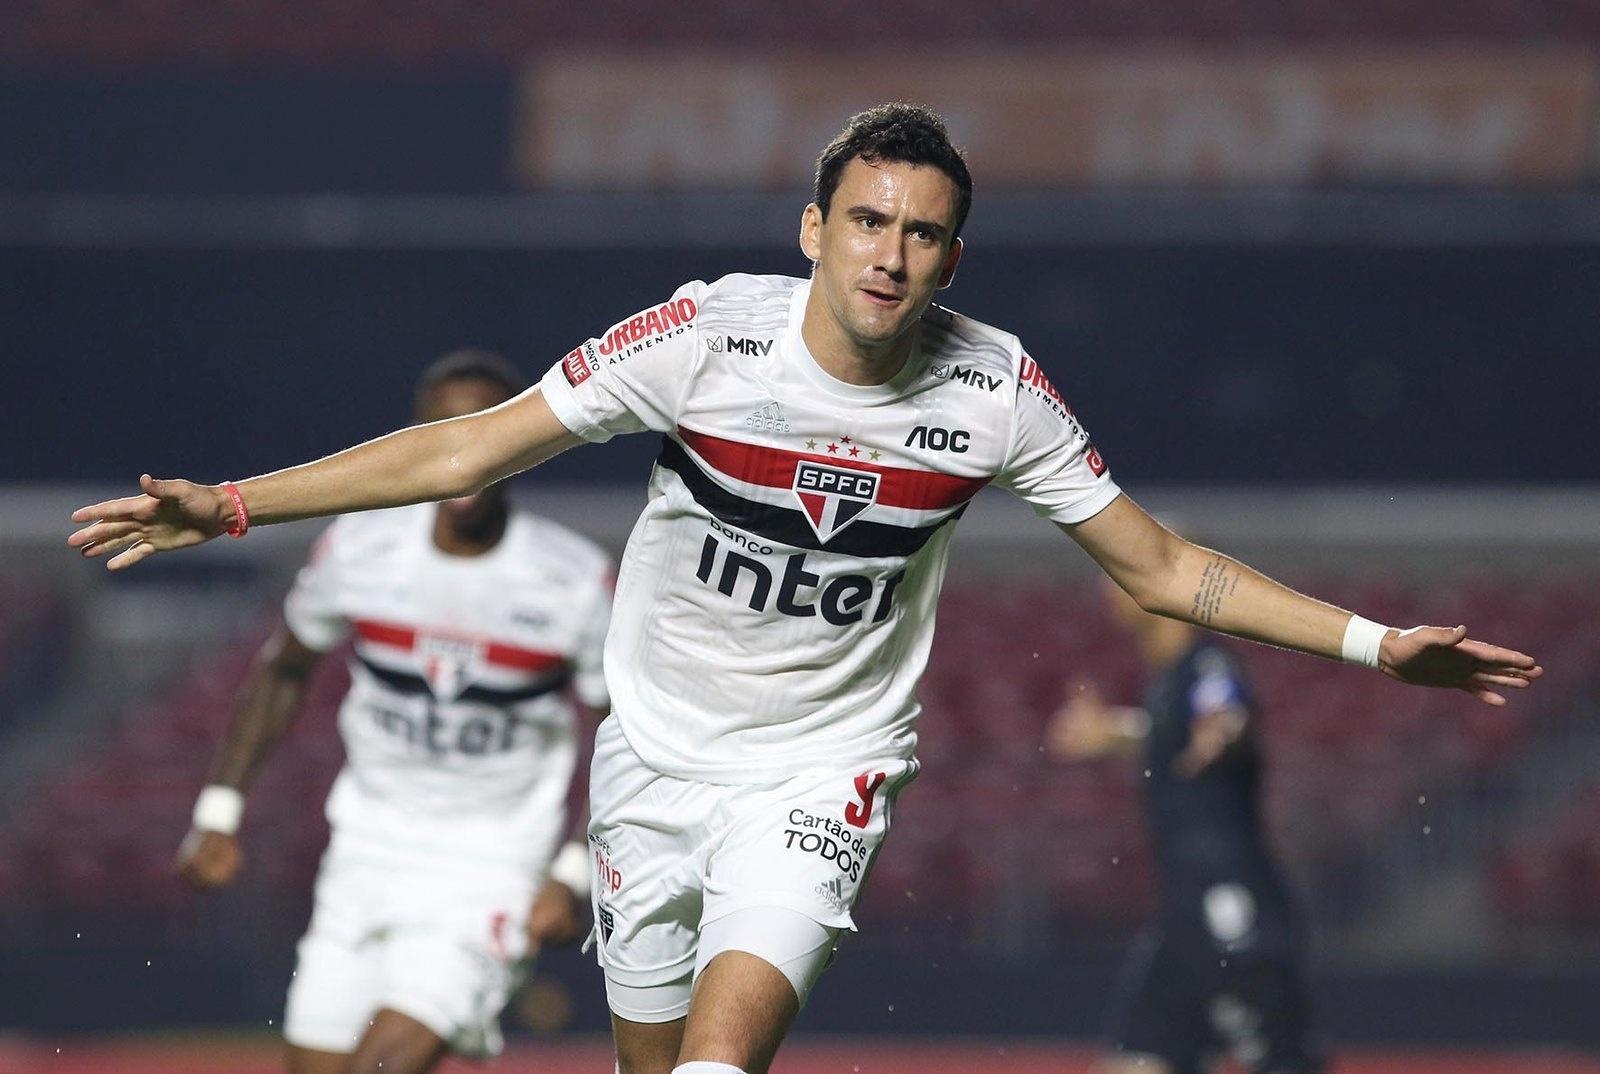 Pablo artilheiro do tricolor é um dos principais nomes do Dream Team